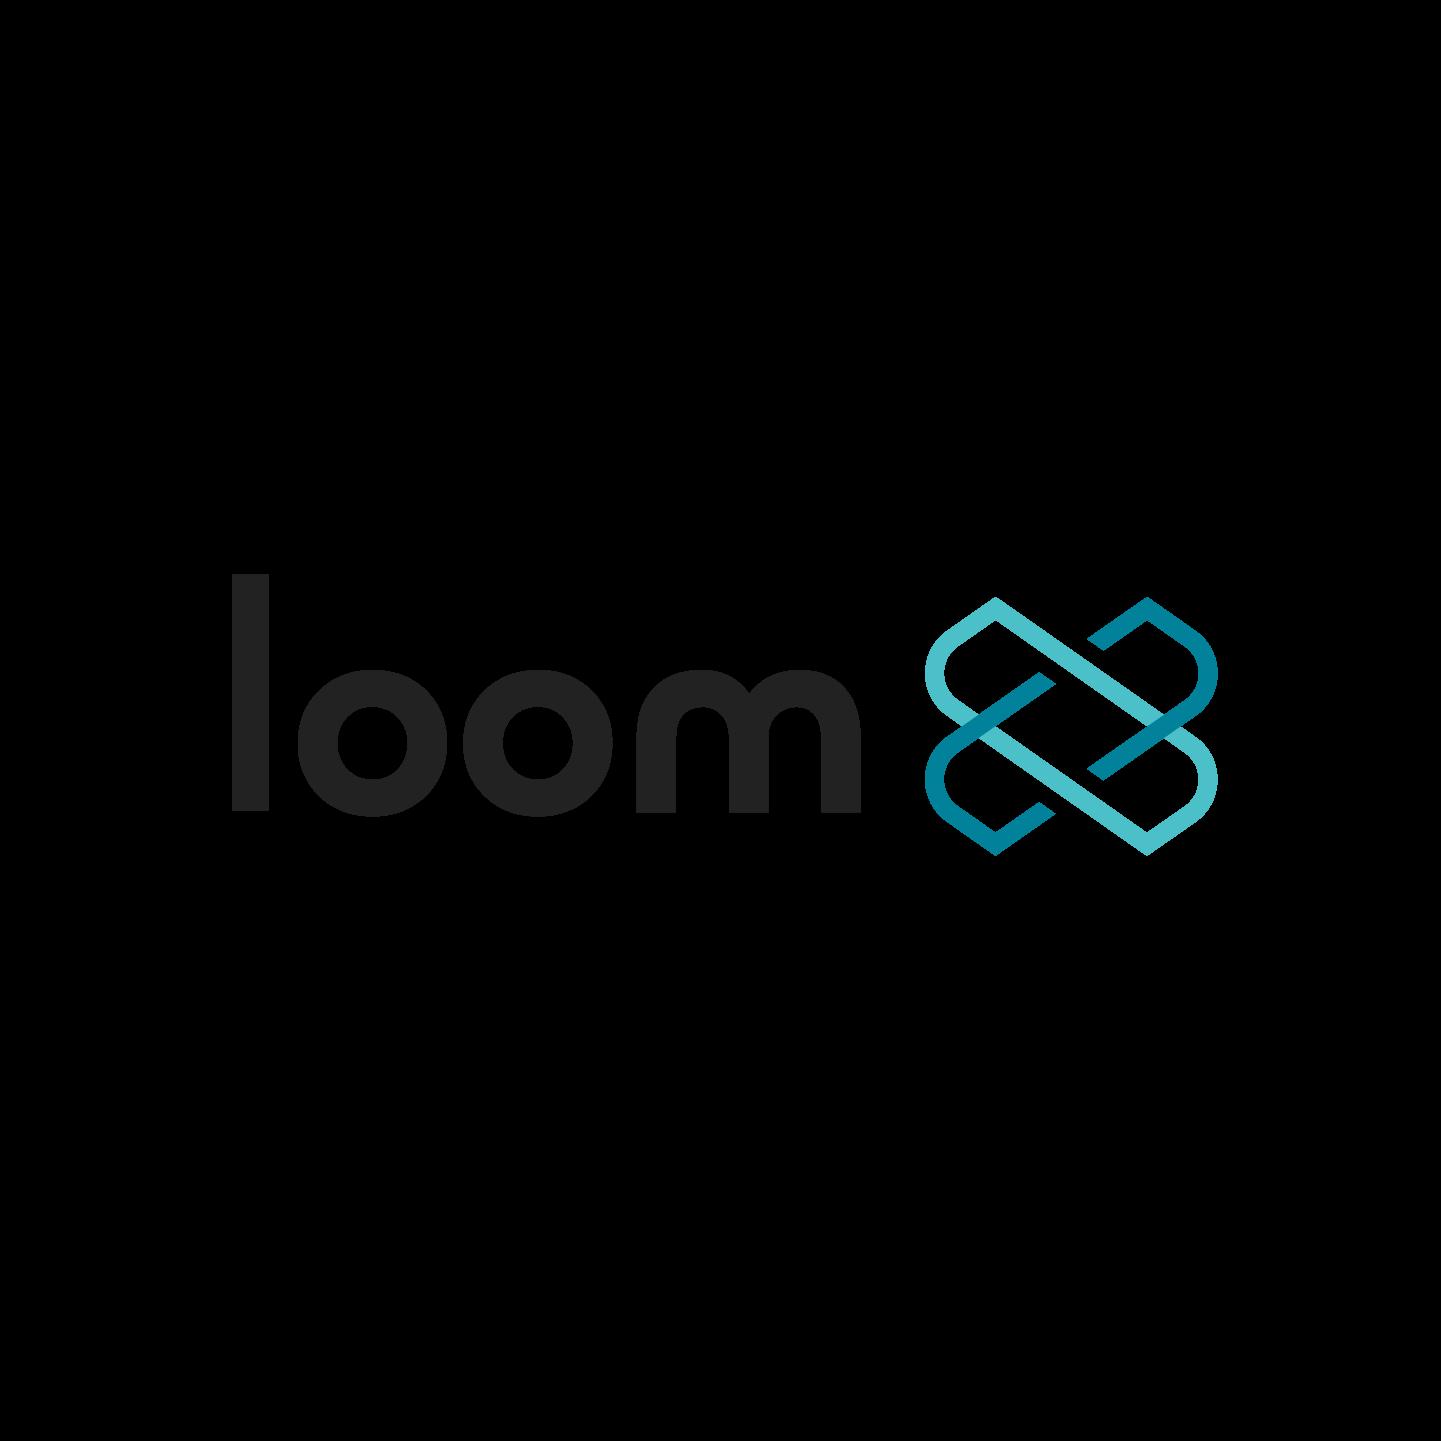 În ianuarie 2021, token-ul LOOM a reușit să crească cu 125%